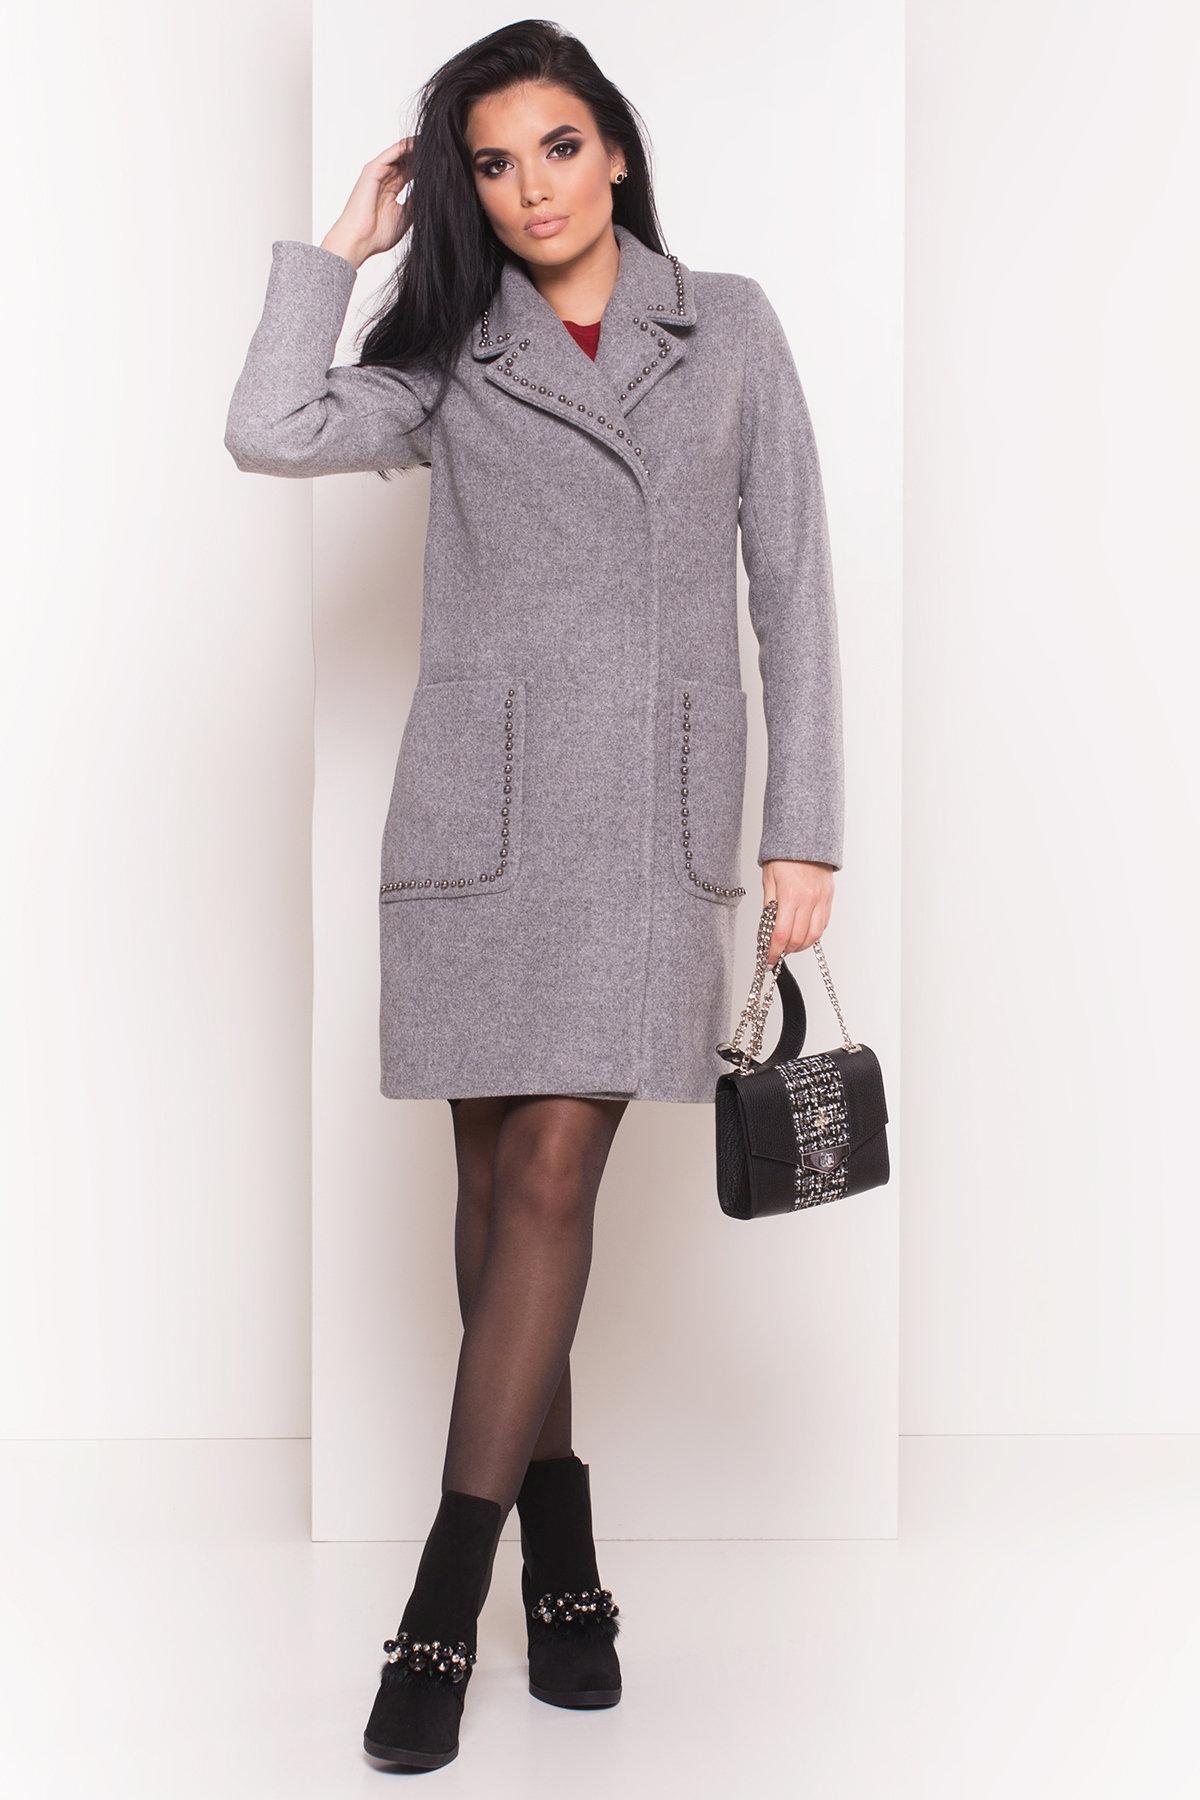 Пальто Кейси 5414 АРТ. 36765 Цвет: Серый Светлый 77 - фото 4, интернет магазин tm-modus.ru